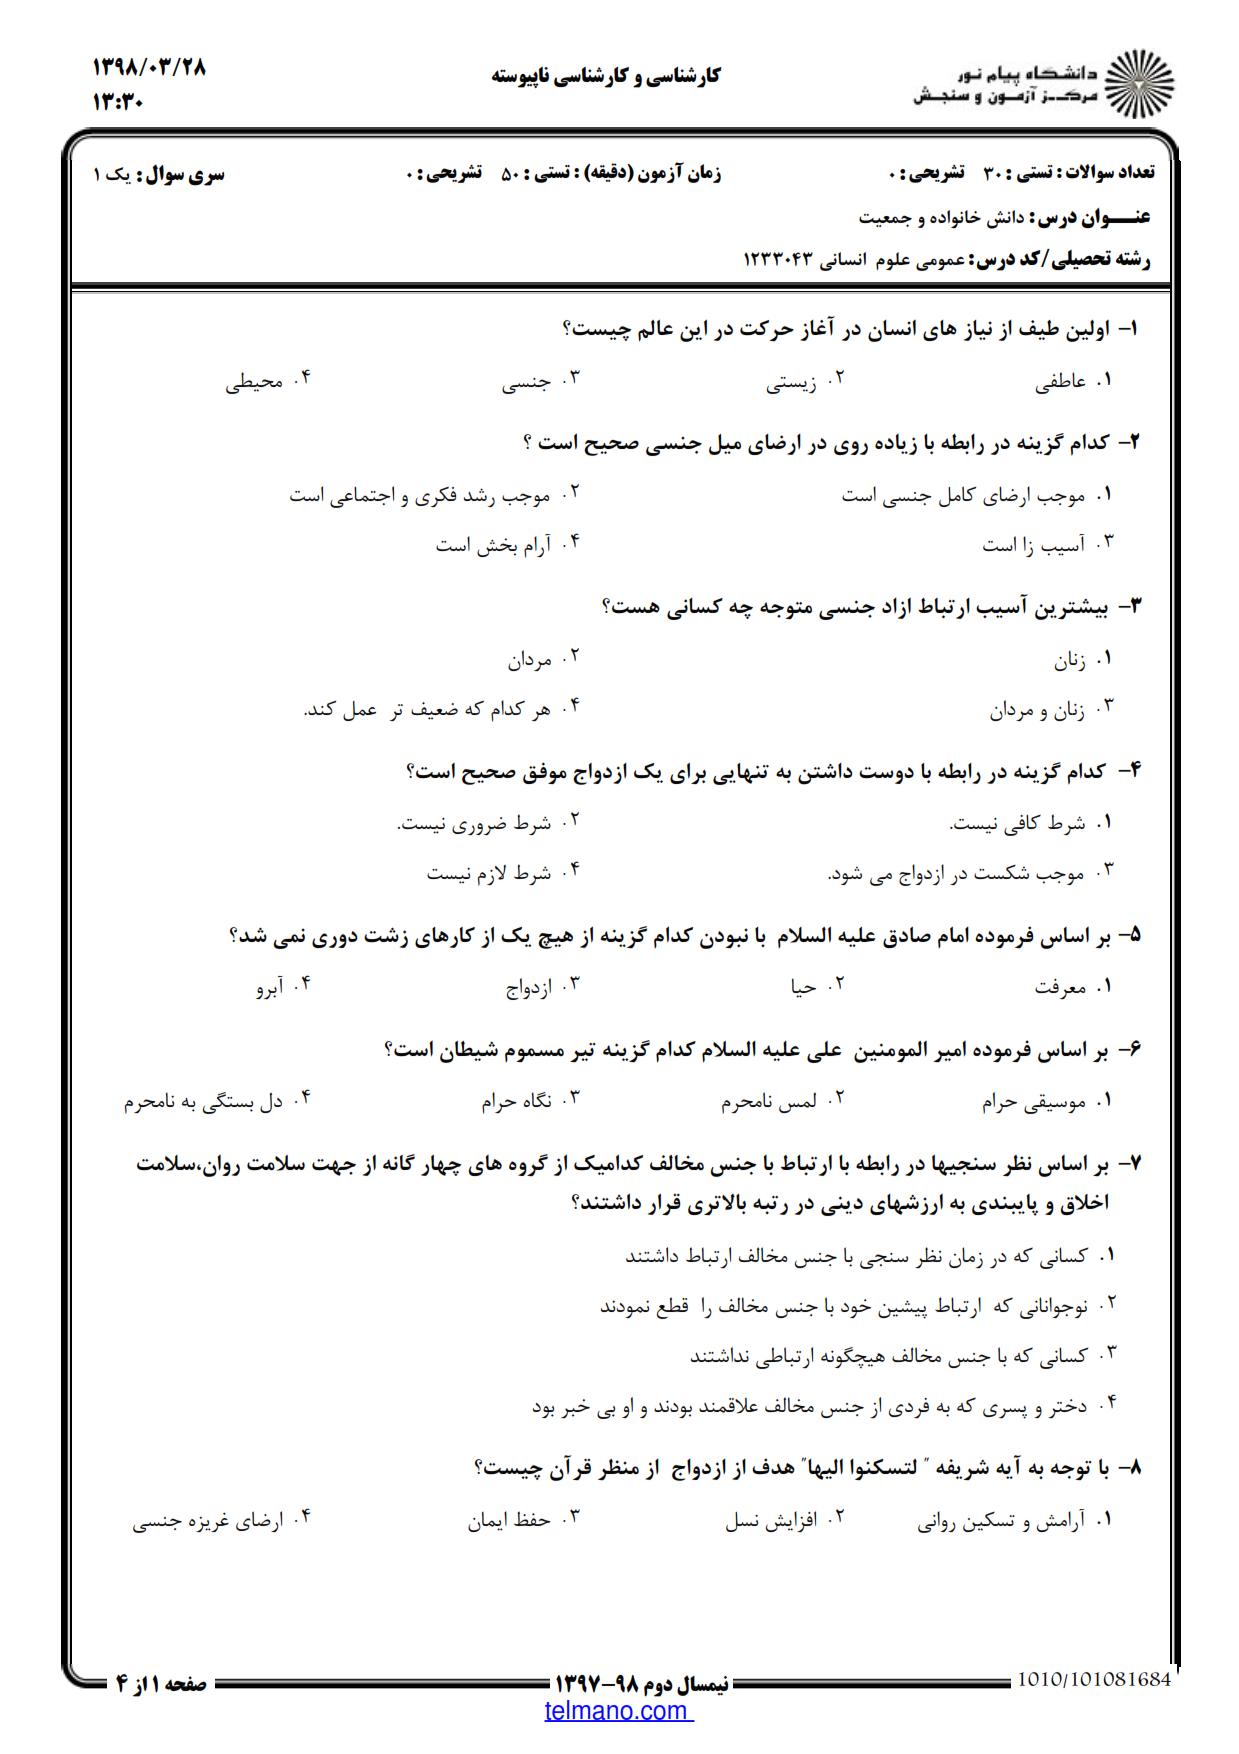 نمونه سوالات تستی دانش خانواده و تنظیم جمعیت دانشگاه پیام نور با پاسخ سوال ها دانلود رایگان pdf